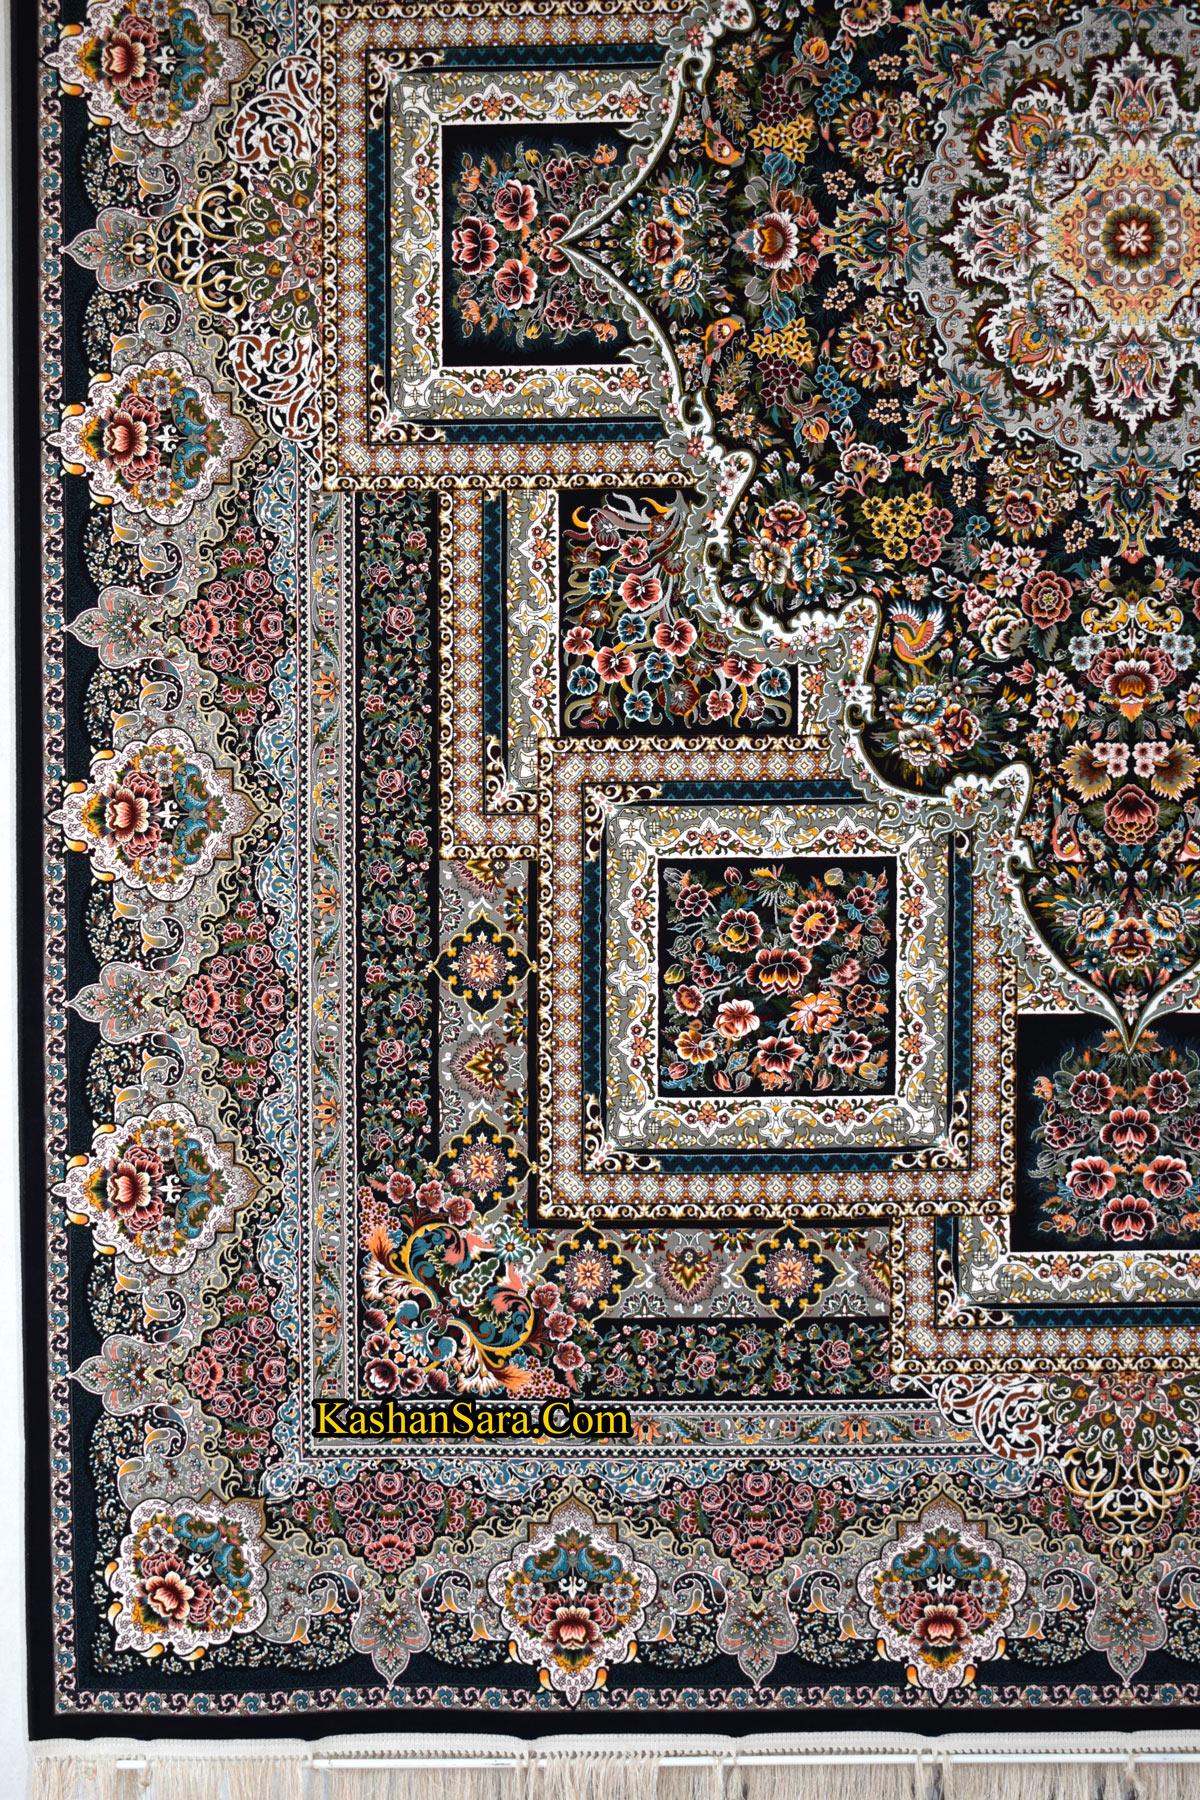 قیمت فرش ماشینی ۱۲۰۰ شانه نقشه درخشان